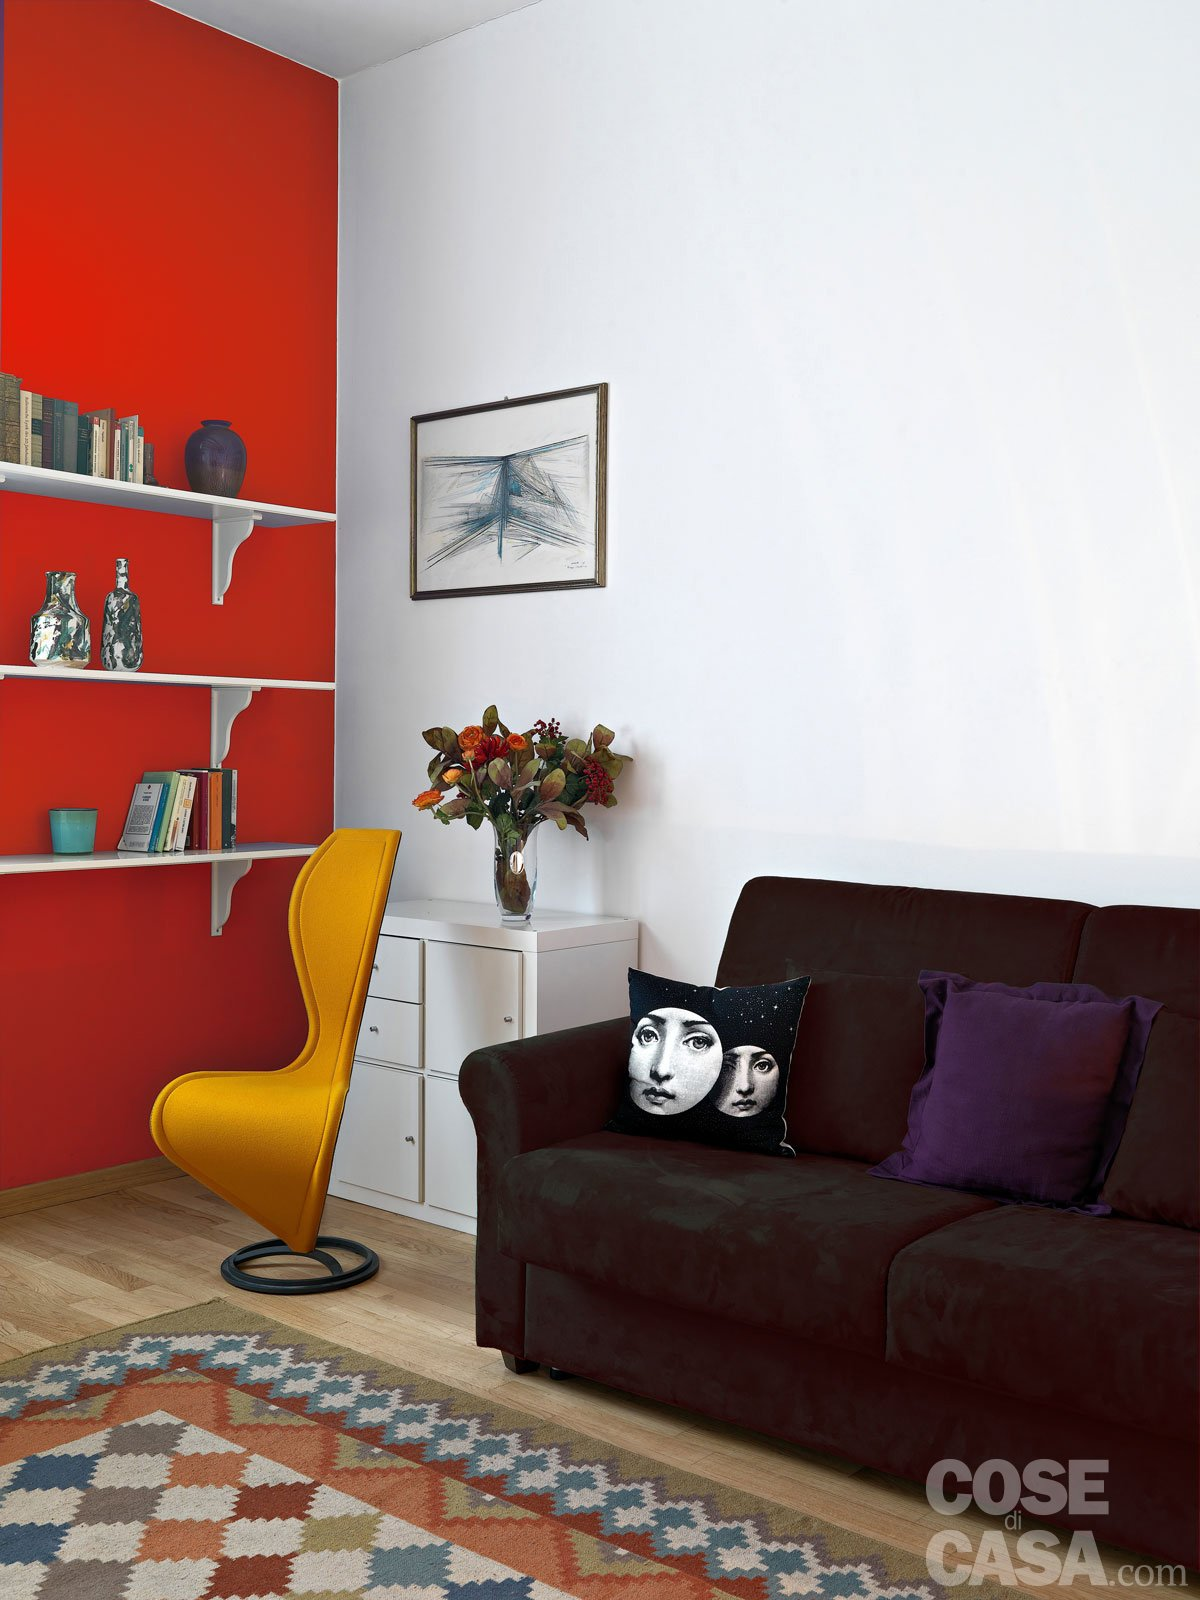 Pitturare le pareti i trucchi che ingannano l occhio for Pareti colorate esempi